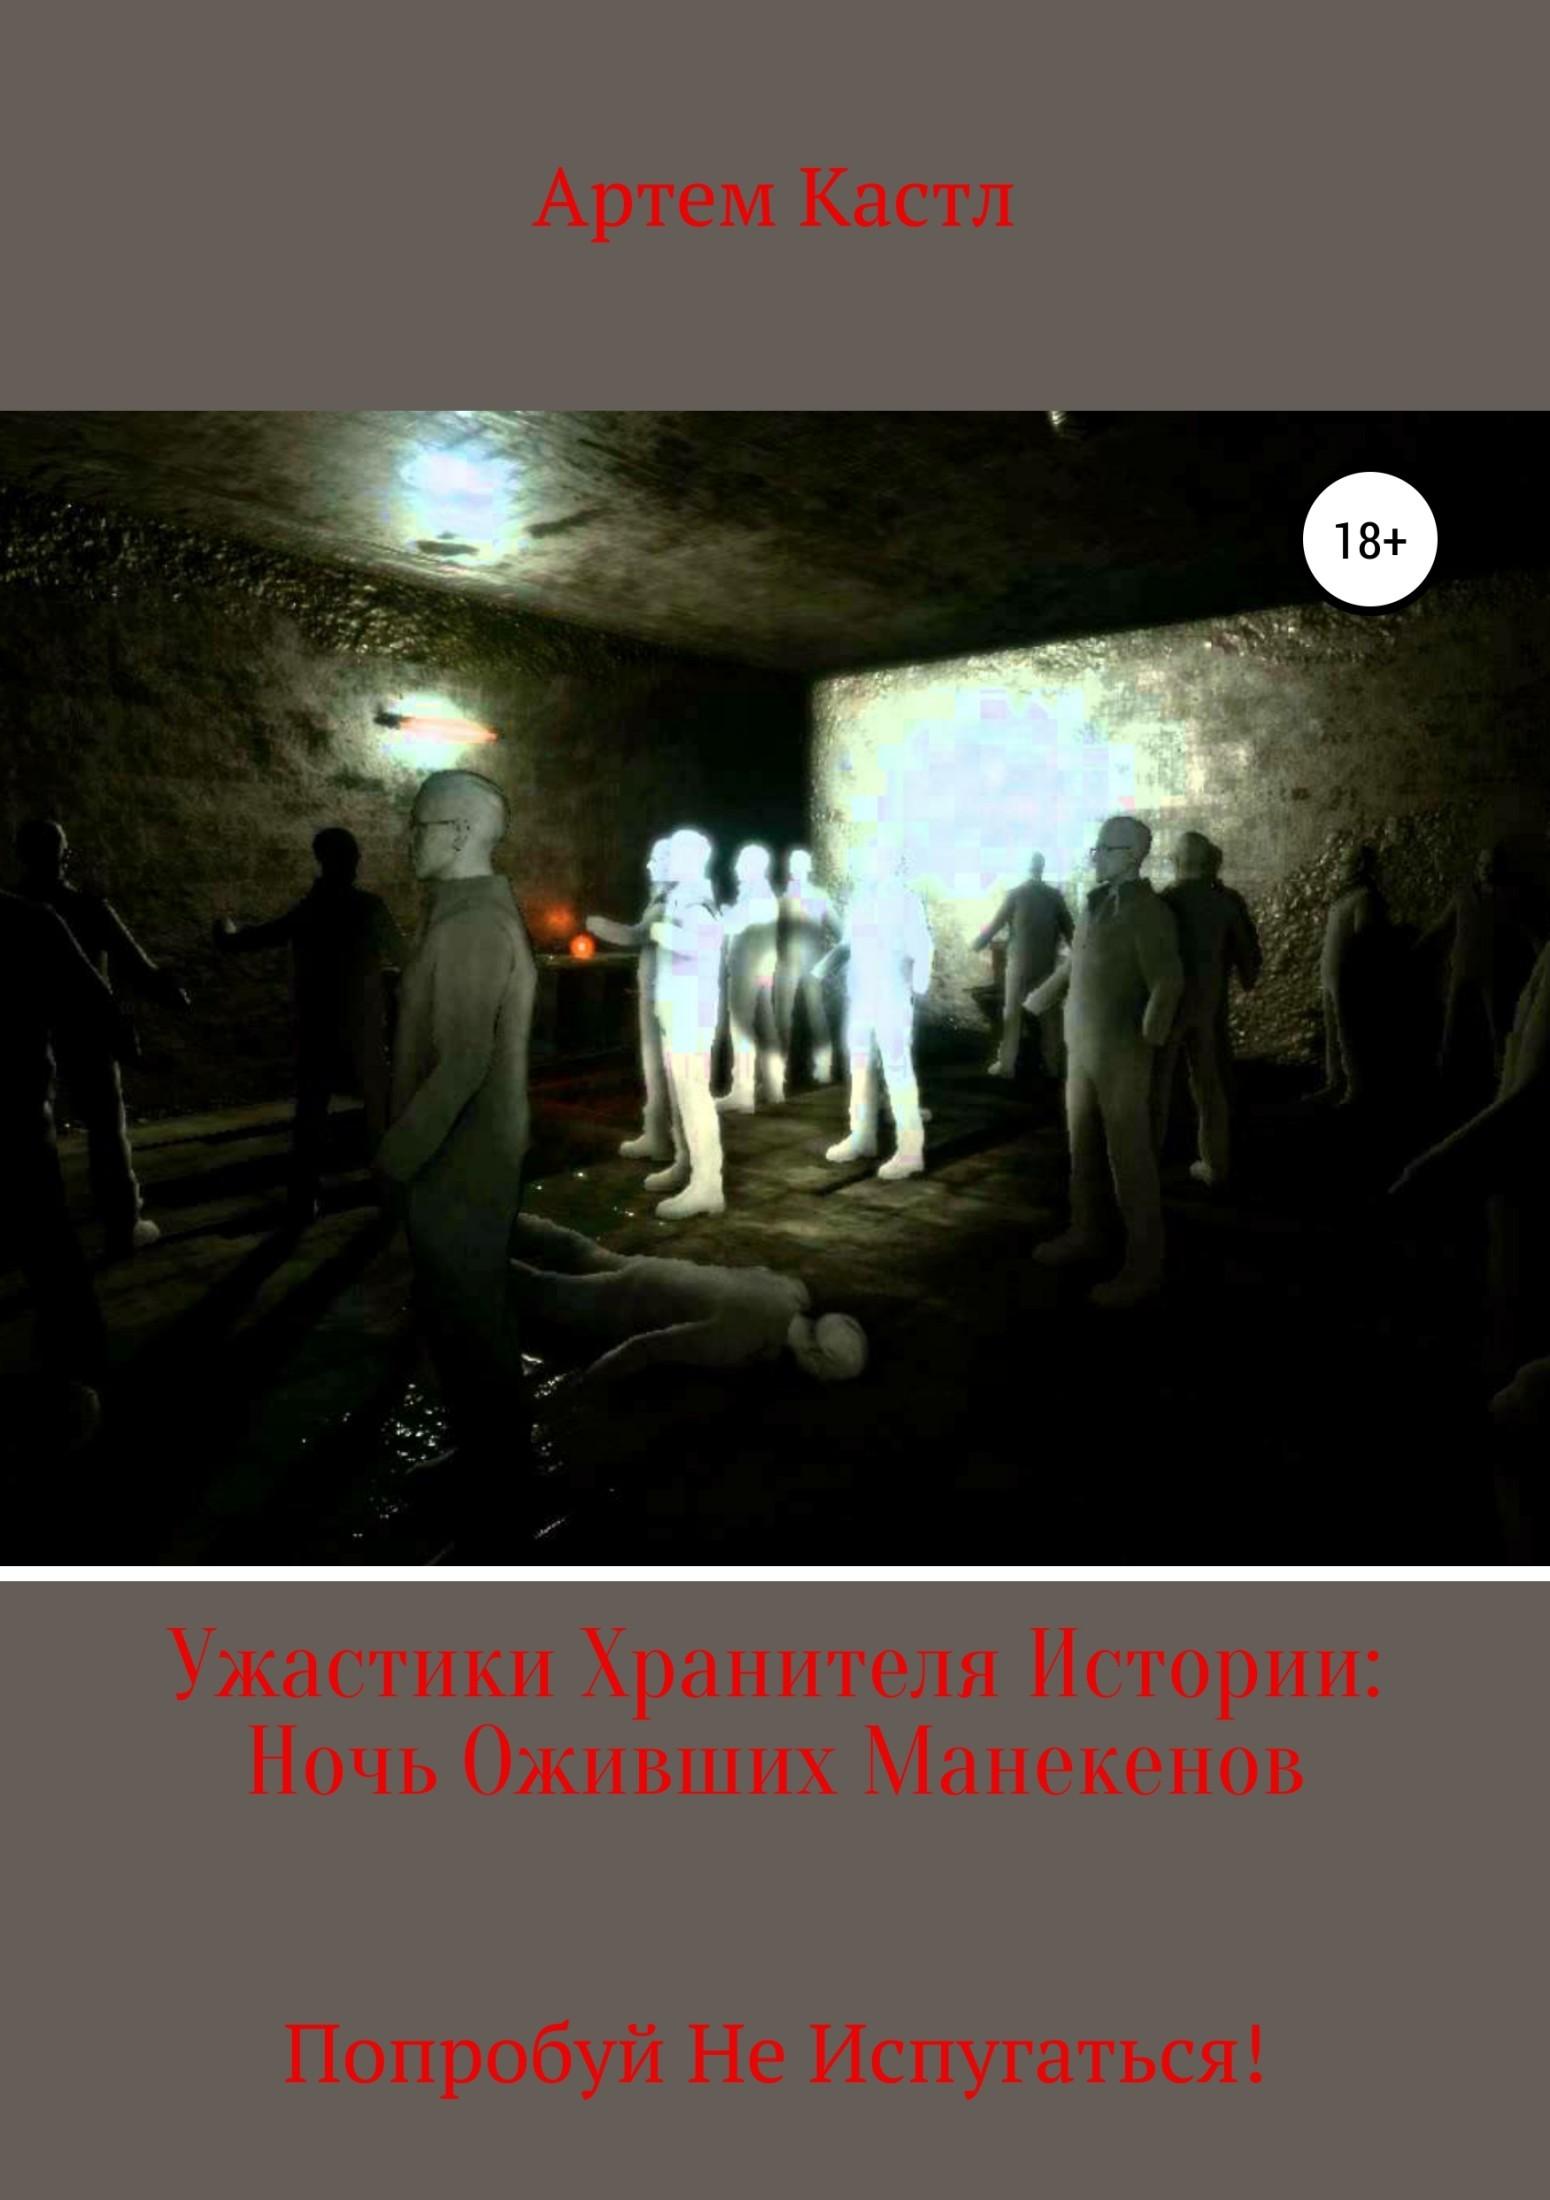 цена Артем Кастл Ужастики Хранителя истории: Ночь оживших манекенов